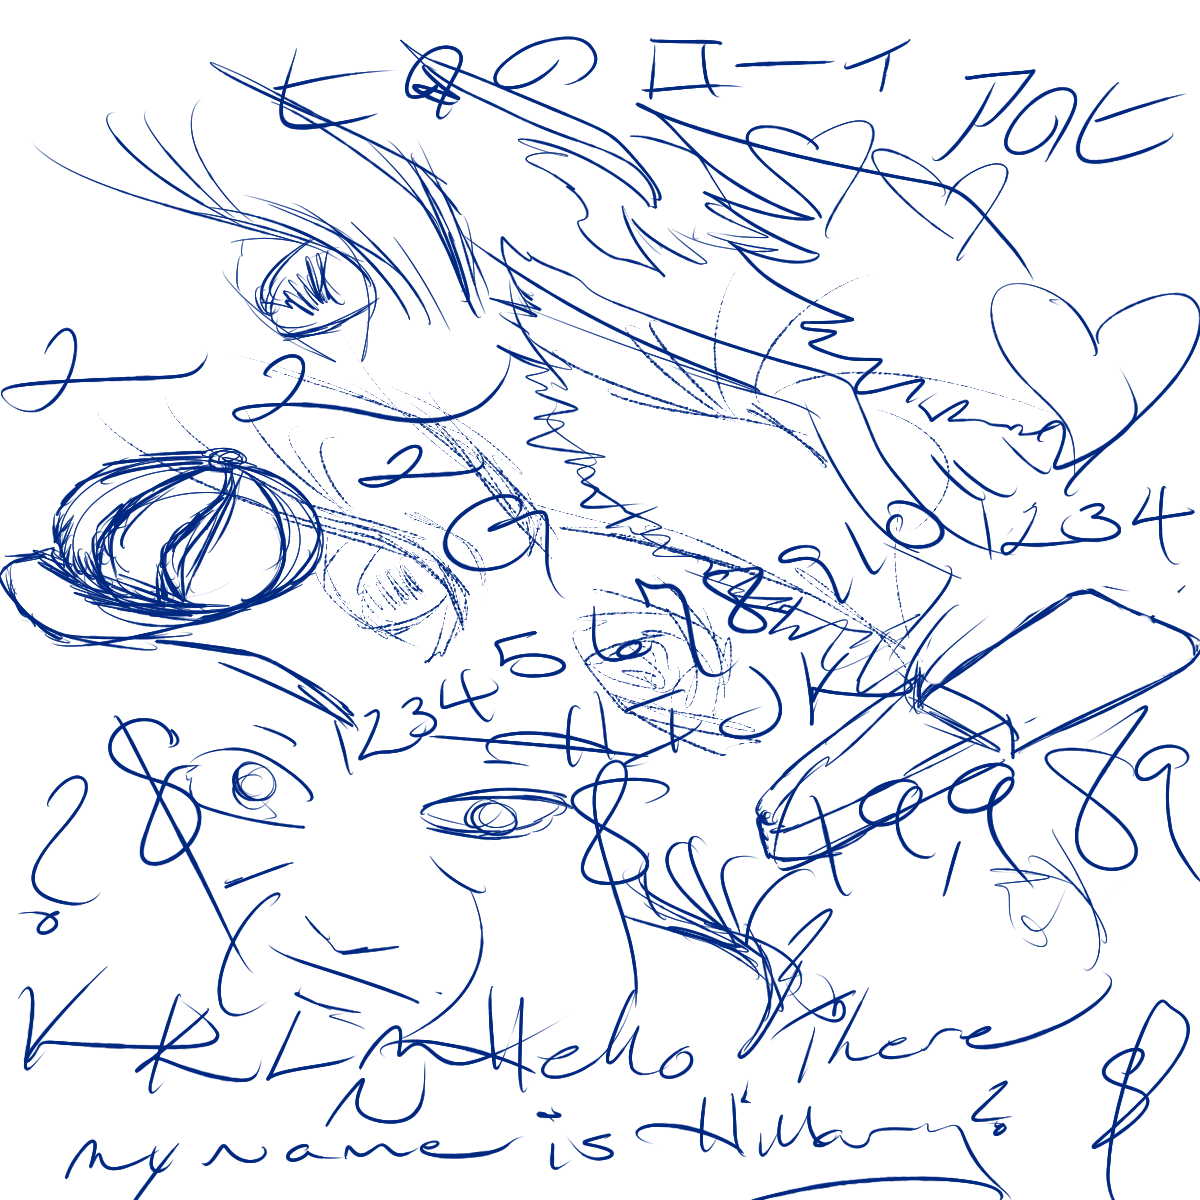 doodles 3.29.16 c